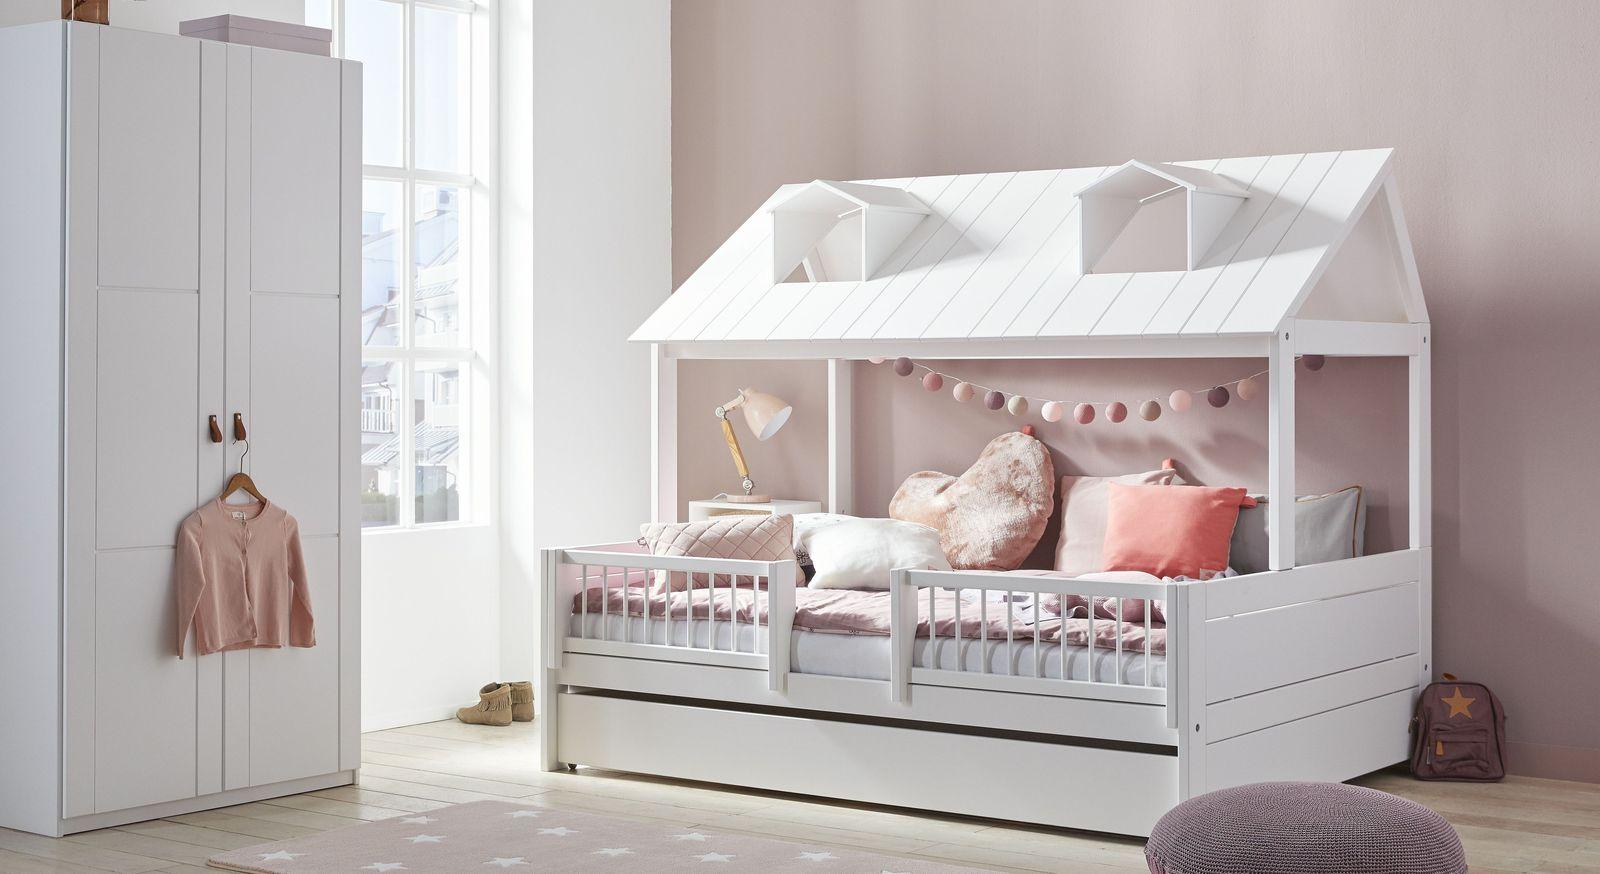 Kinderzimmer LIFETIME Ferienhaus für Jungs und Mädchen